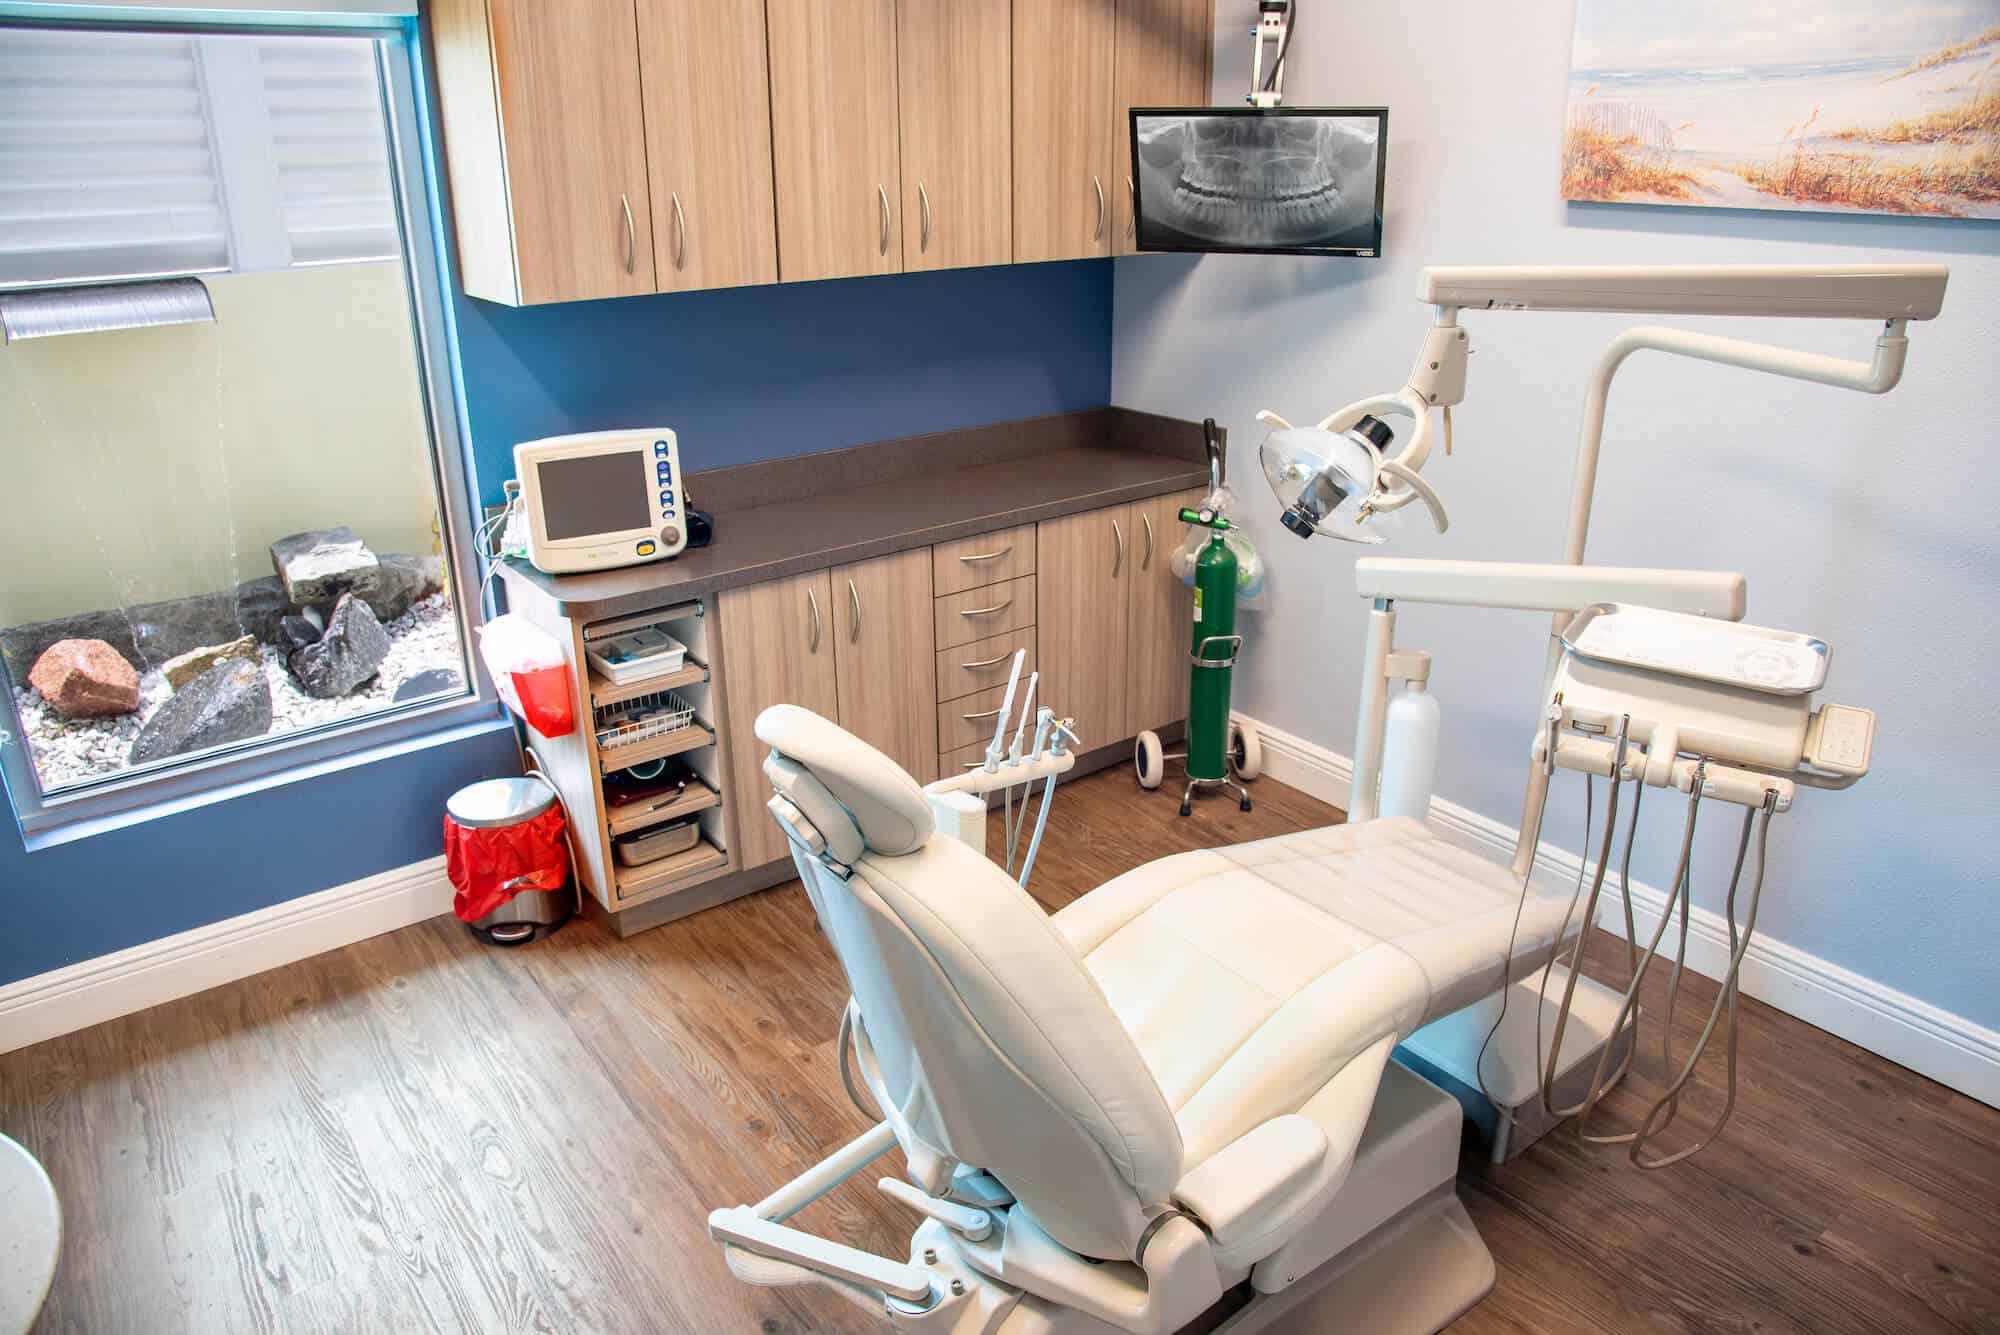 agnini-family-dental-lakeland-florida-2018-0601-Tinsley Agnini01615-e-screens